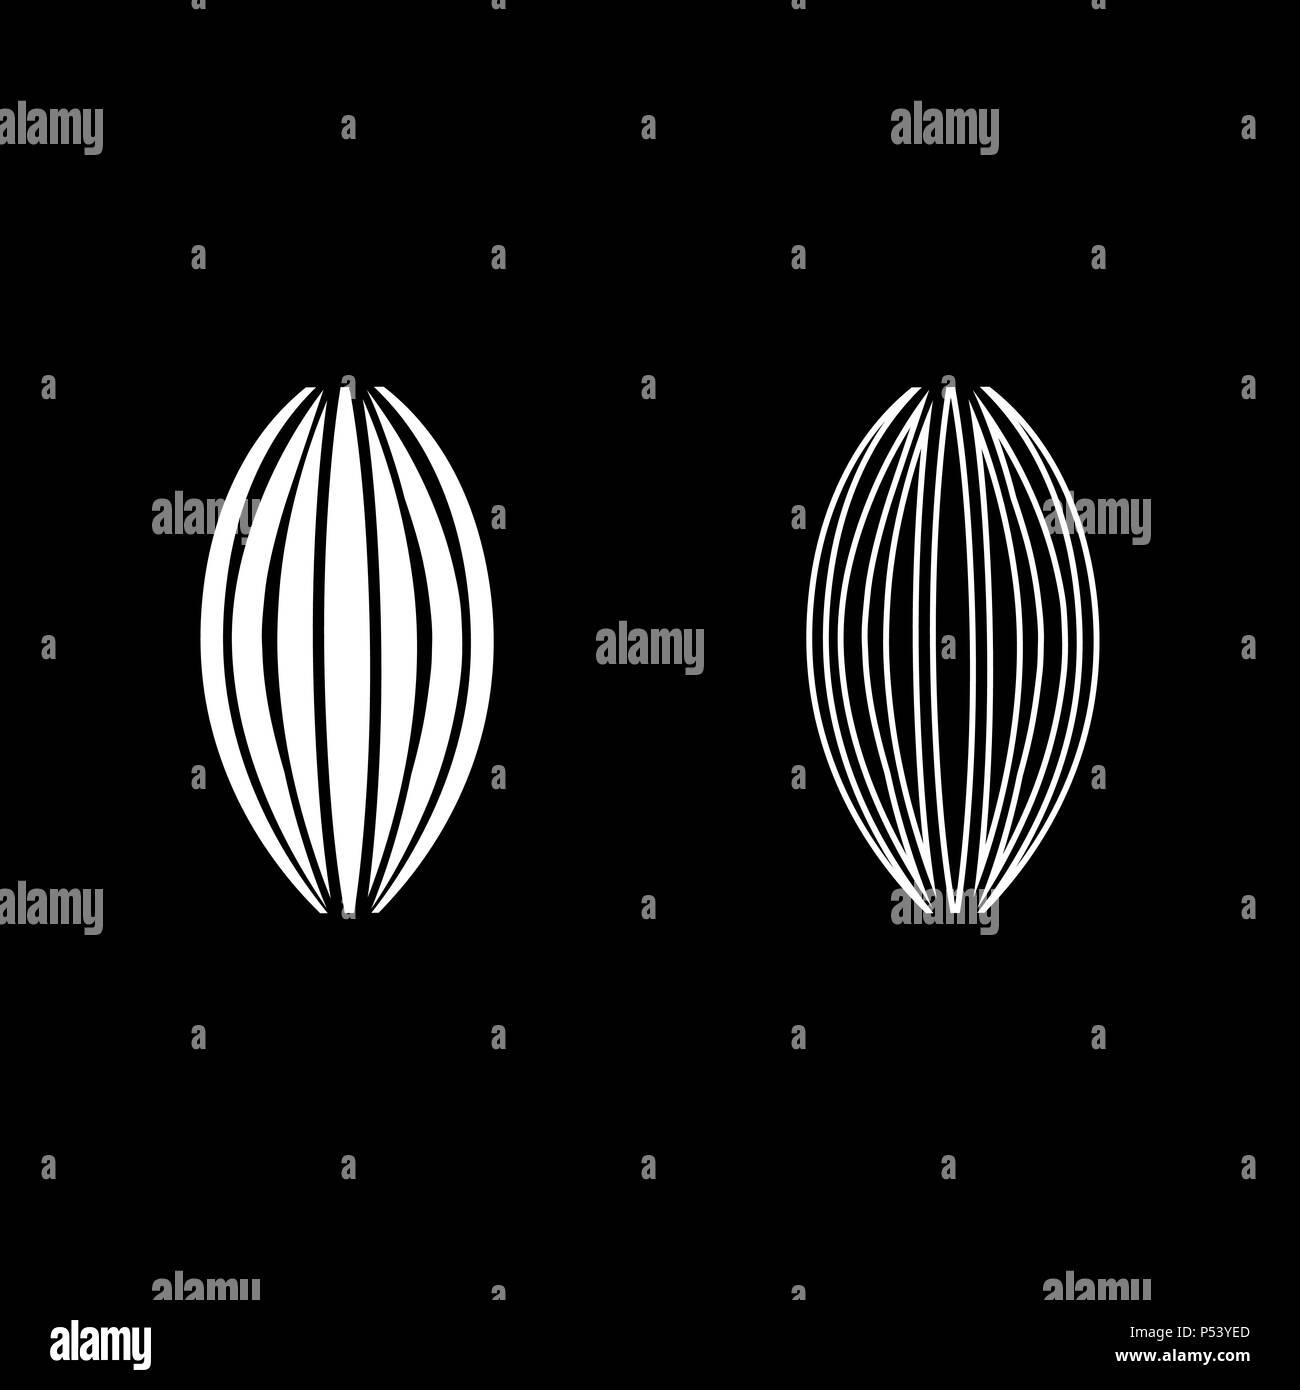 Conjunto de iconos de color blanco muscular ilustración vectorial tipo plano simple imagen Imagen De Stock